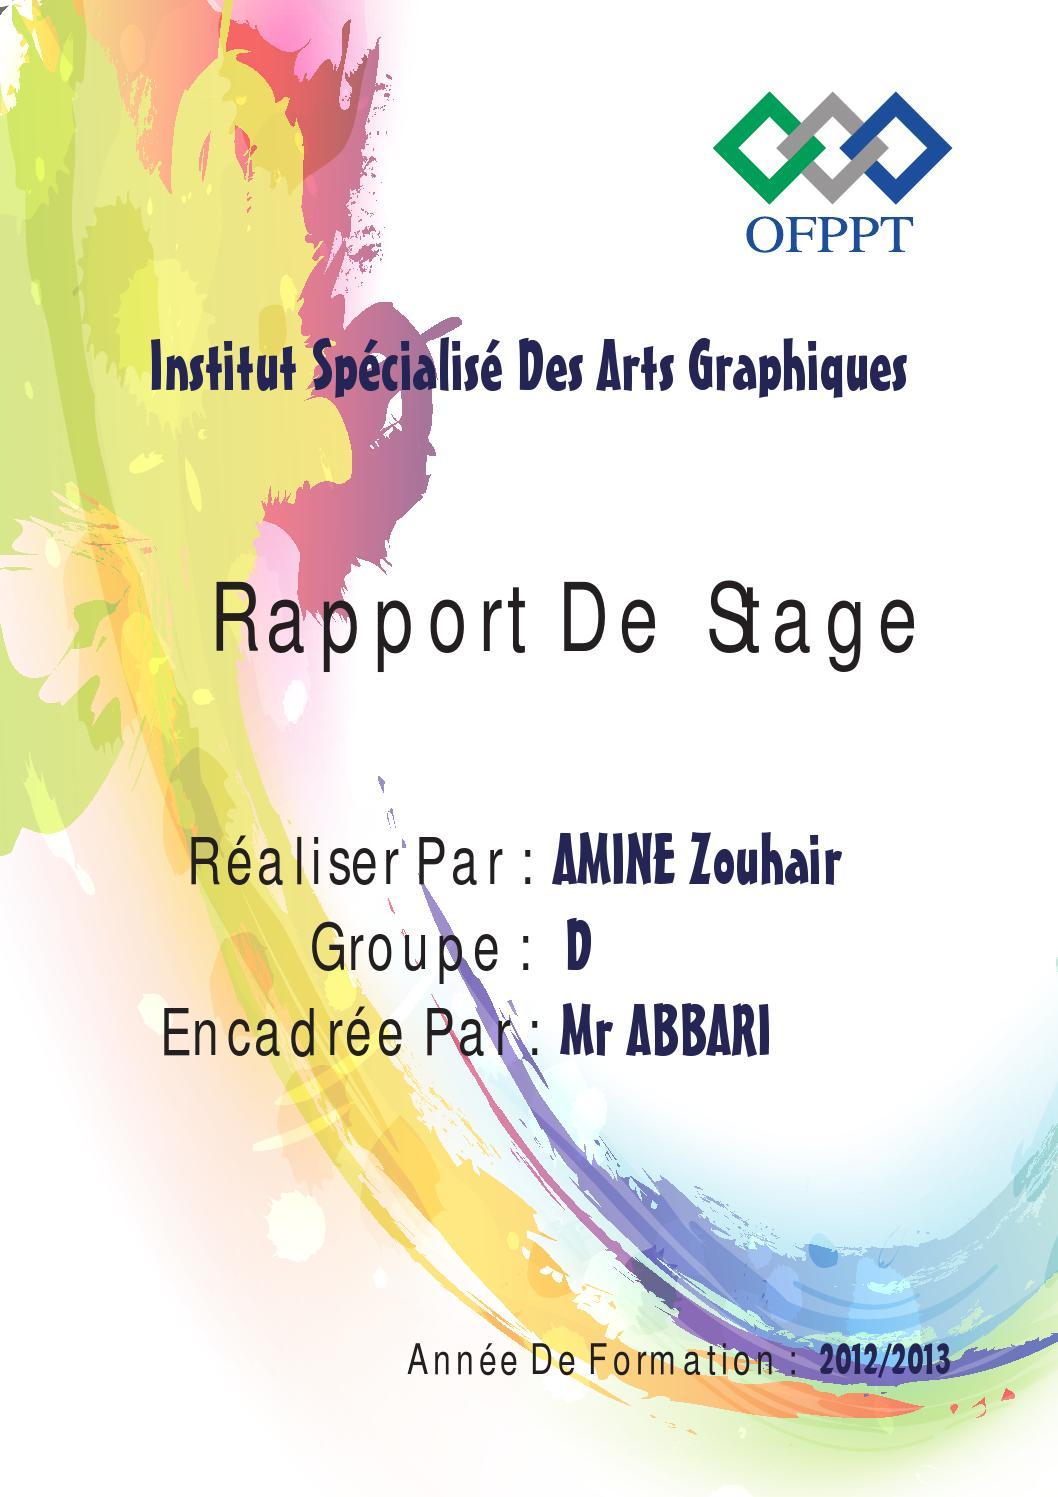 Rapport de stage 1er ann e isag by z h r m ne issuu - Page de garde rapport de stage open office ...